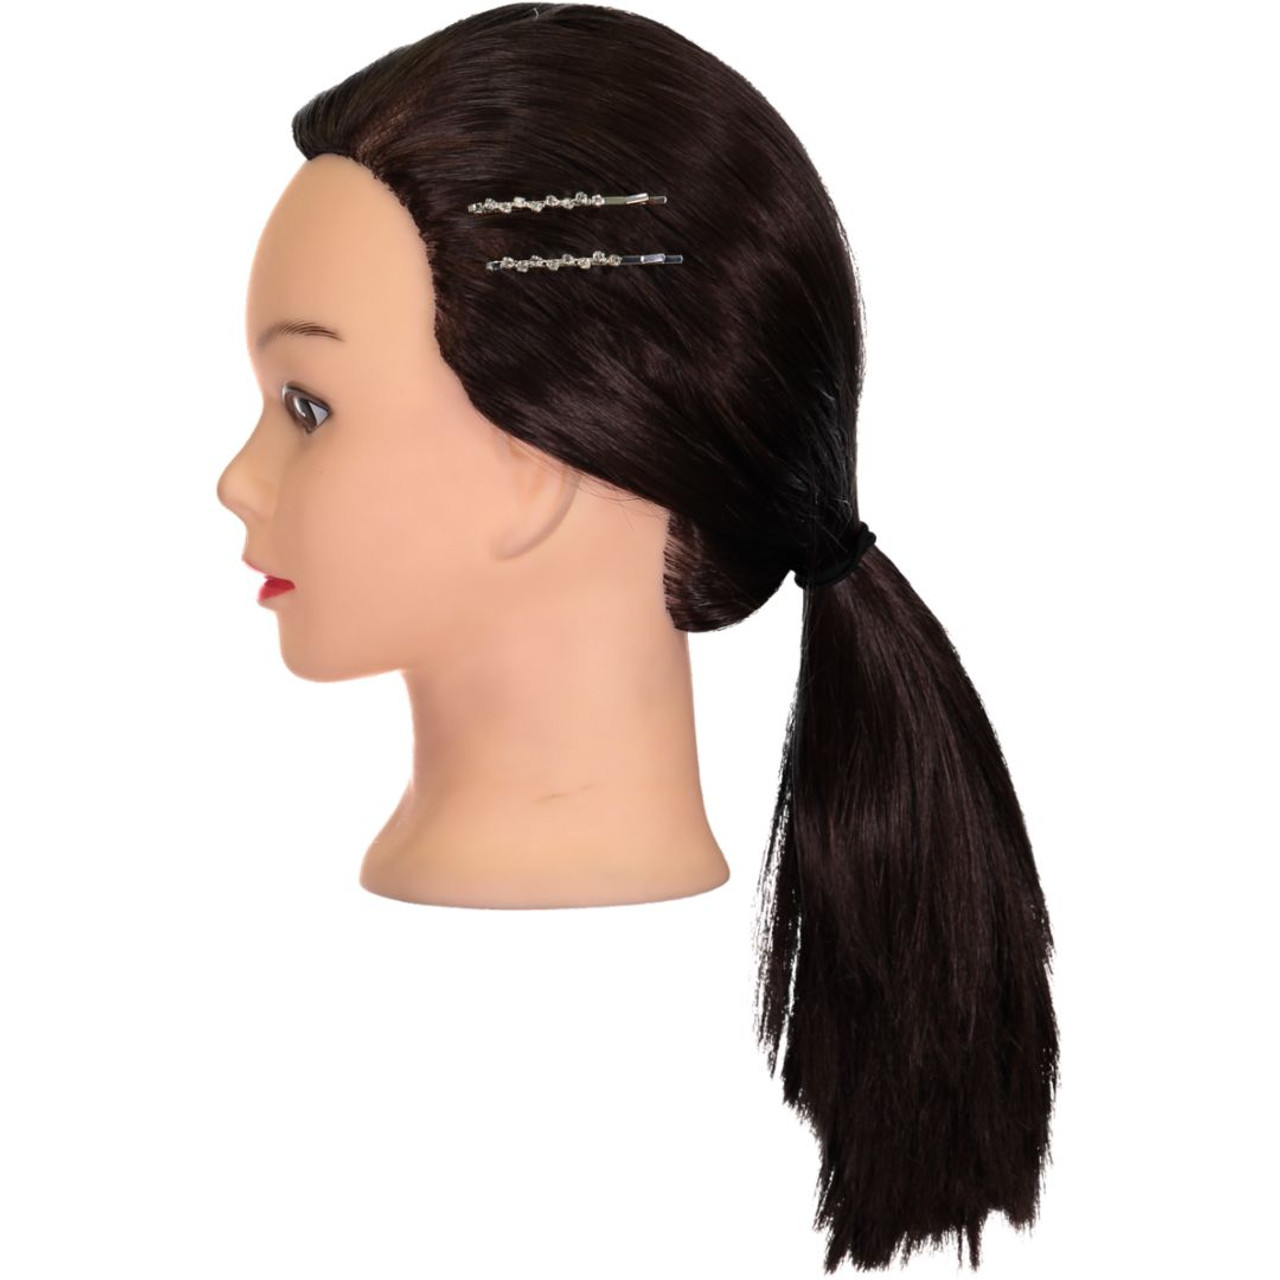 Riqki Silver Hair Clips